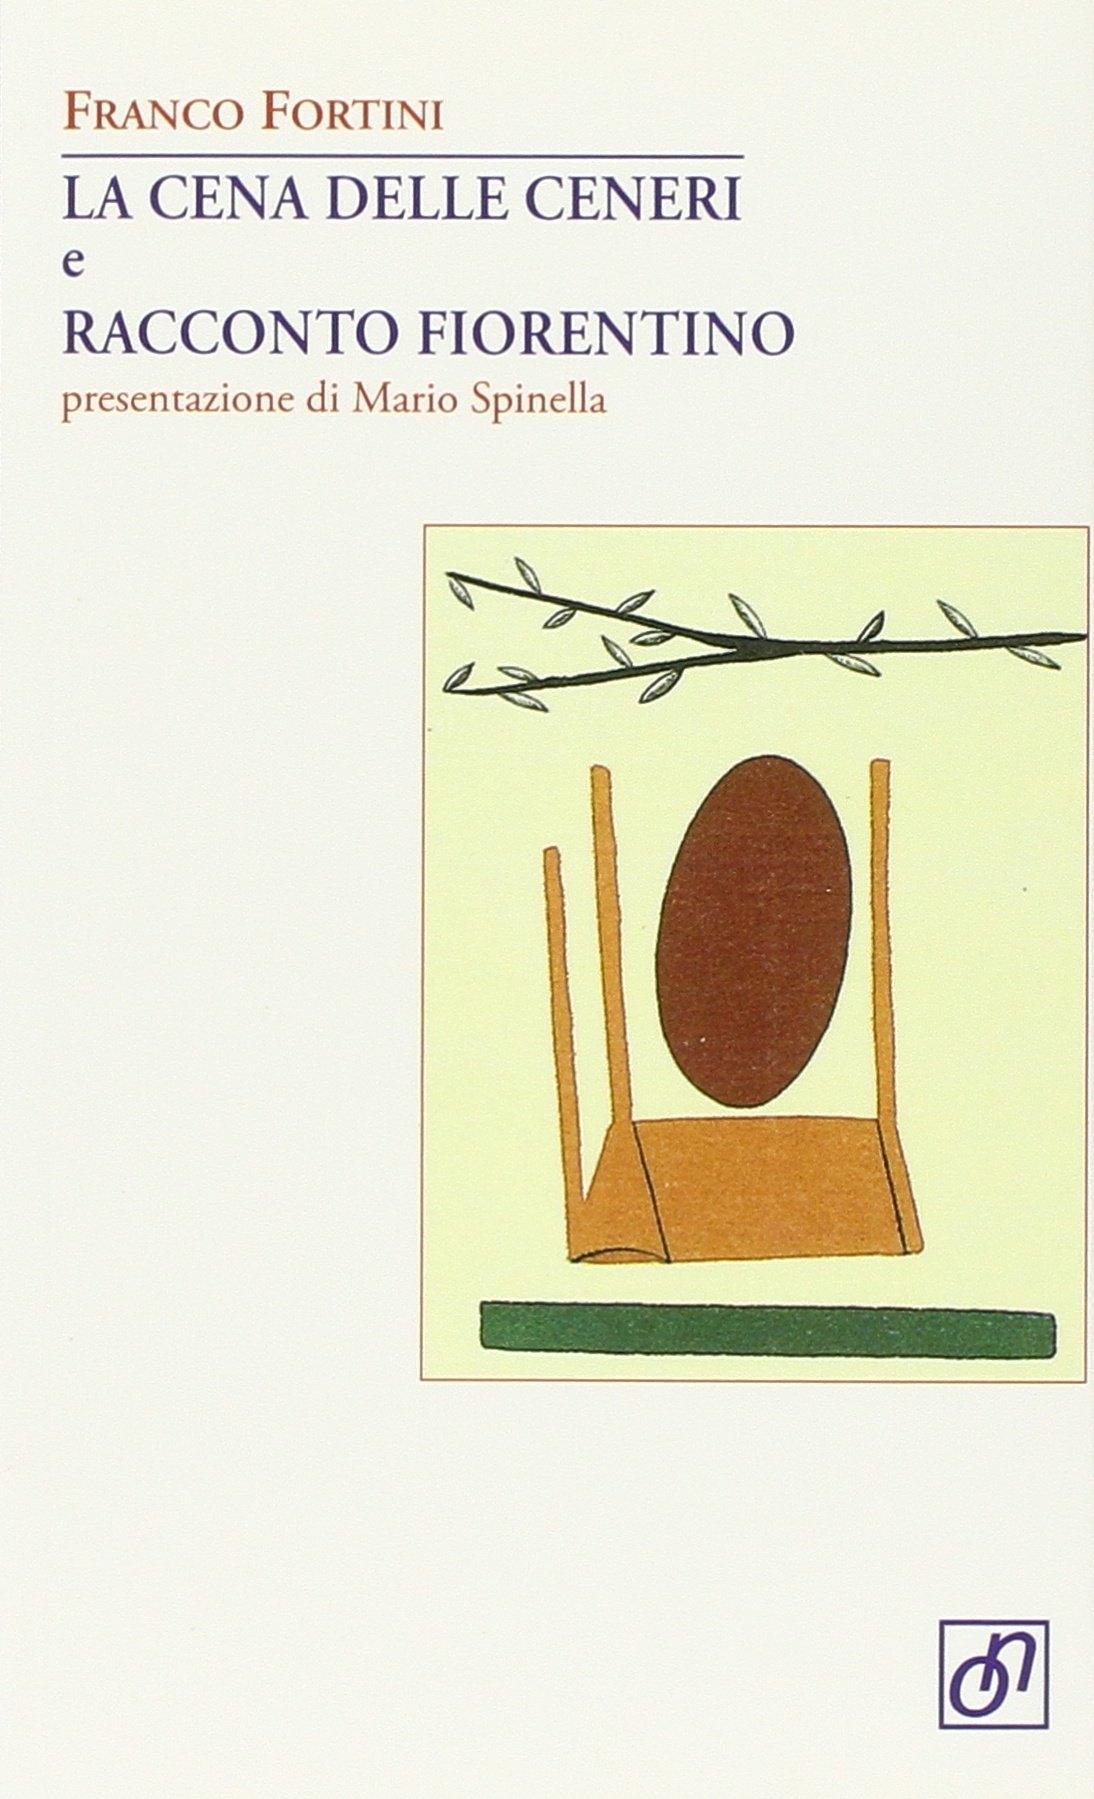 La cena delle ceneri e racconto fiorentino - Fortini, Franco